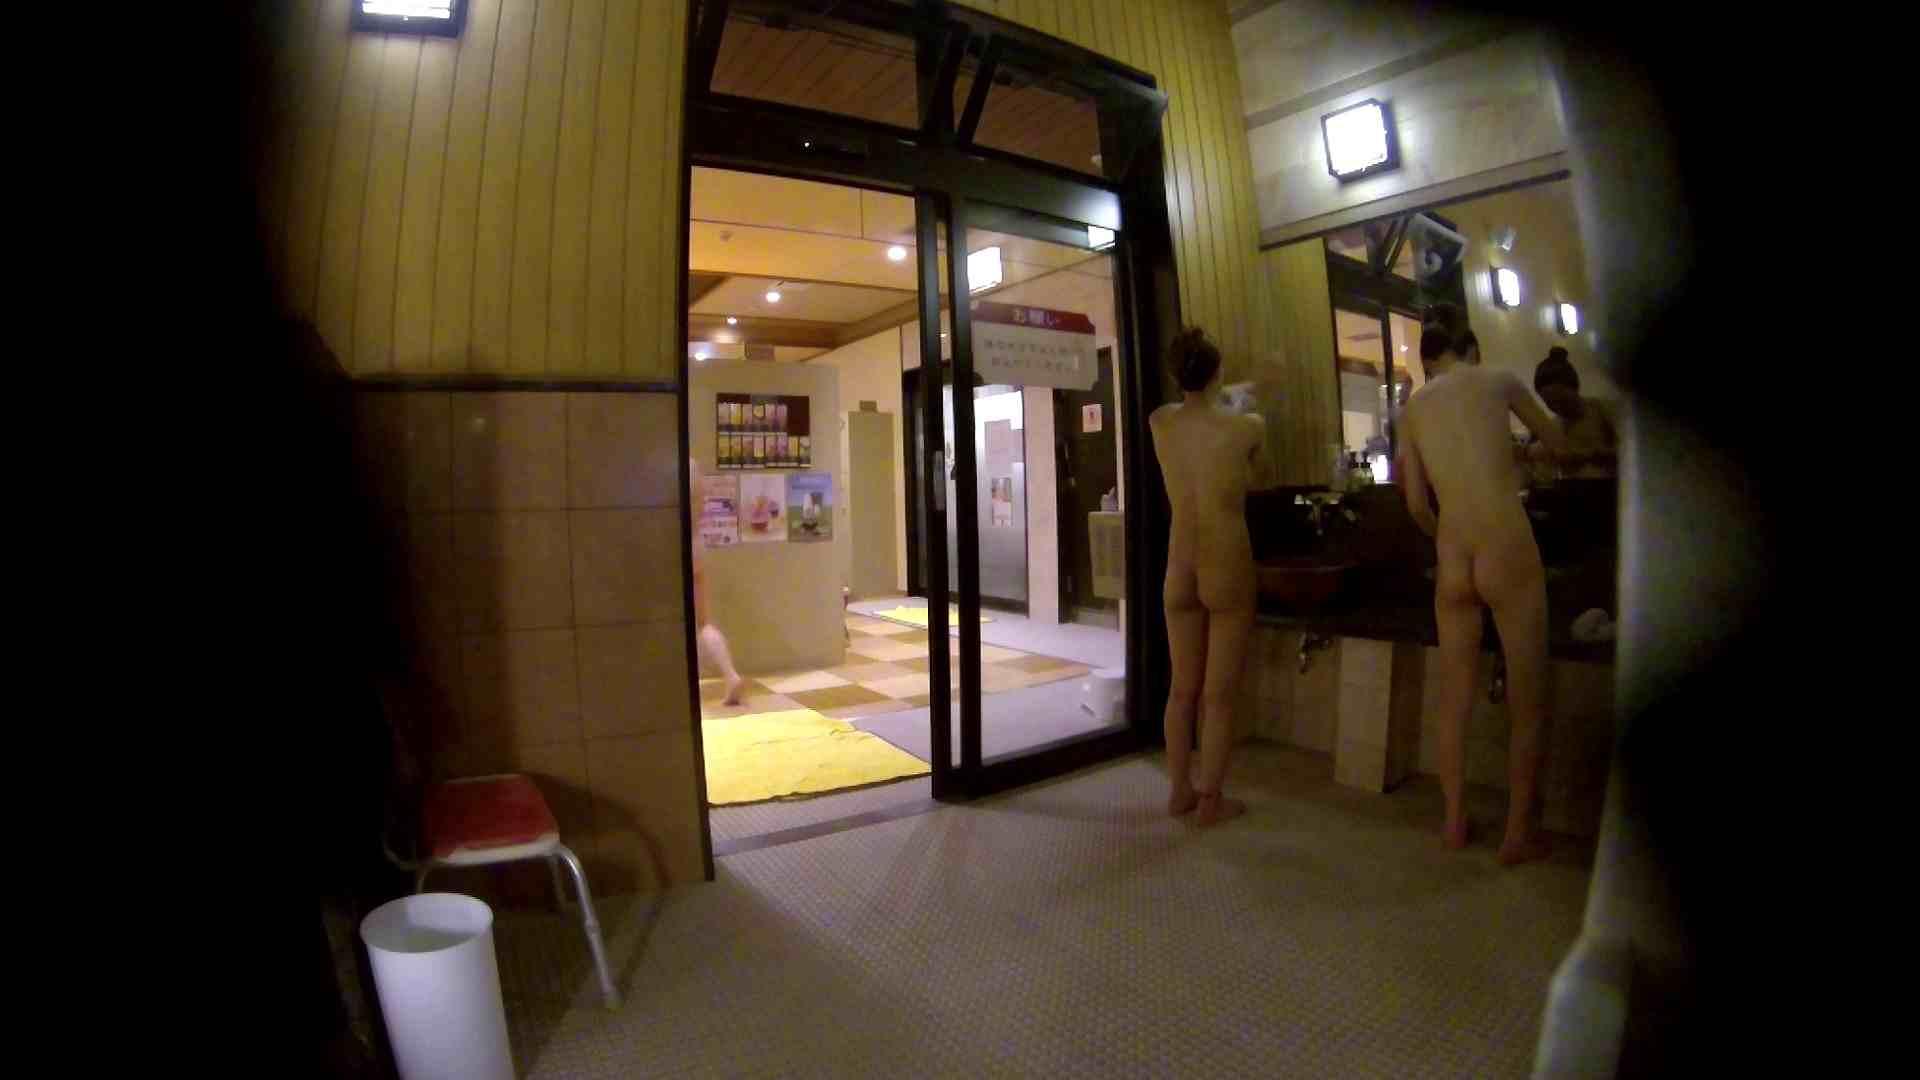 オムニバス!出入り口~シャワー~メイク室と移動。たくさんの女性が登場します 桃色シャワー | 銭湯  92pic 28